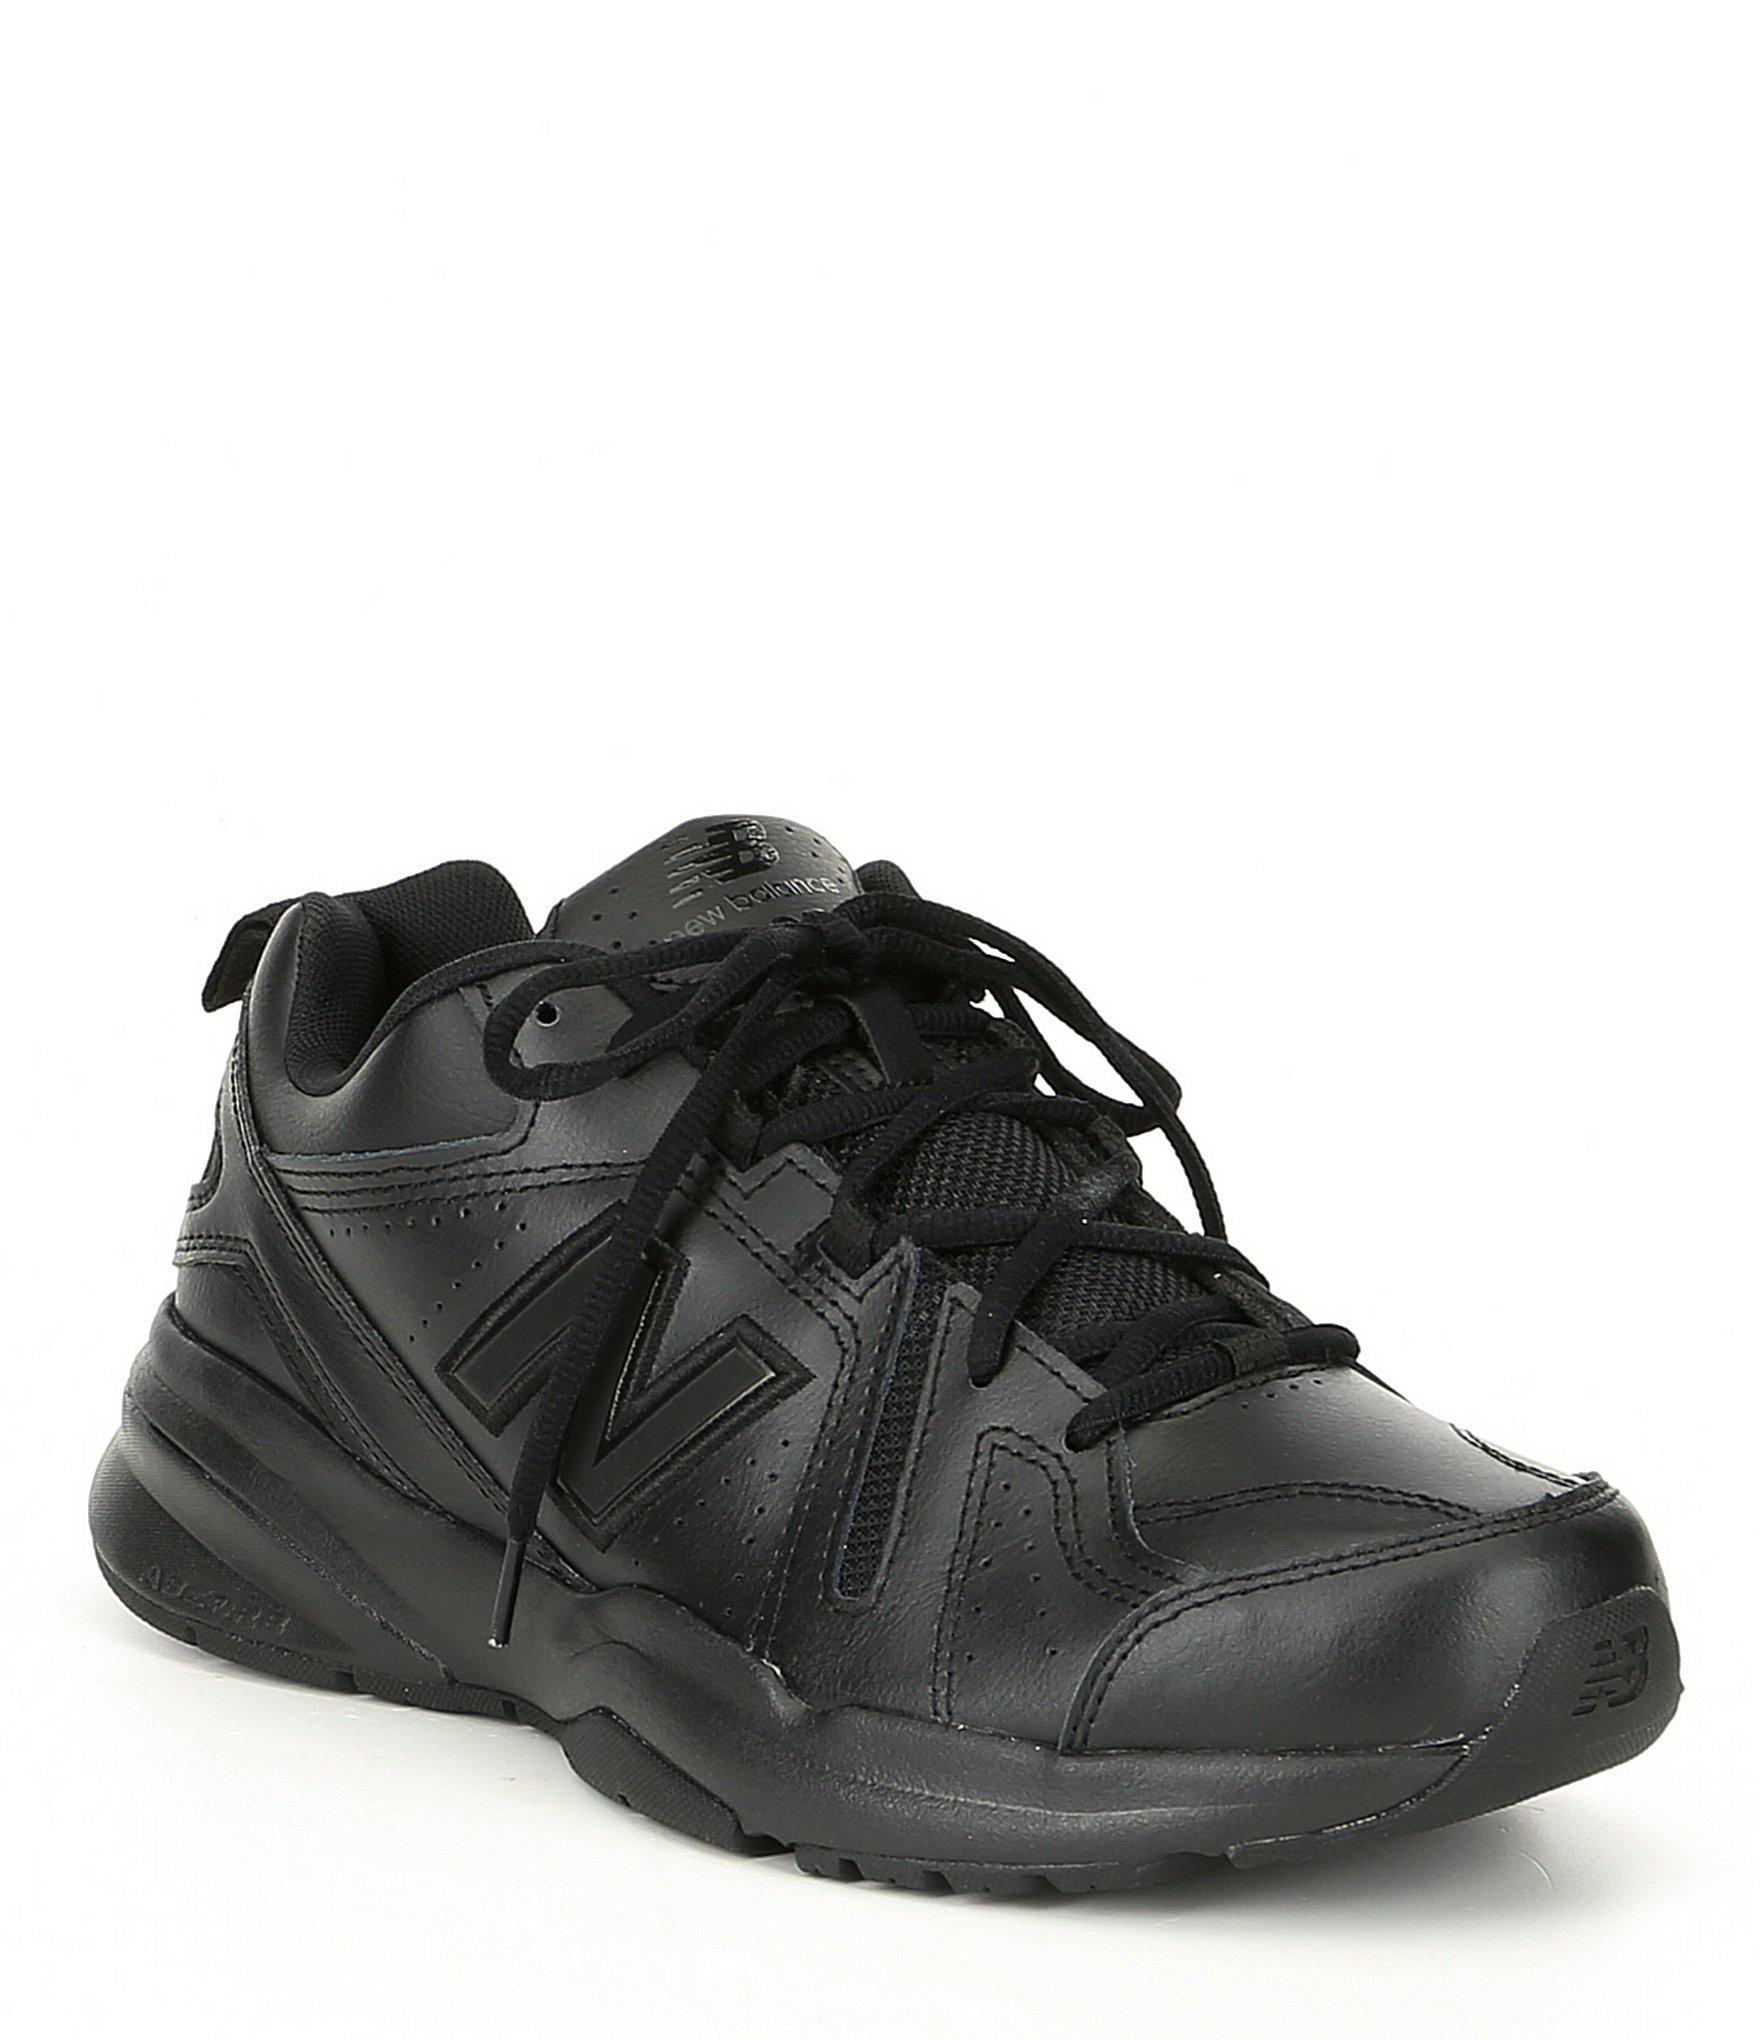 914849578cc9 Lyst - New Balance Men s 608 V5 Training Shoe in Black for Men